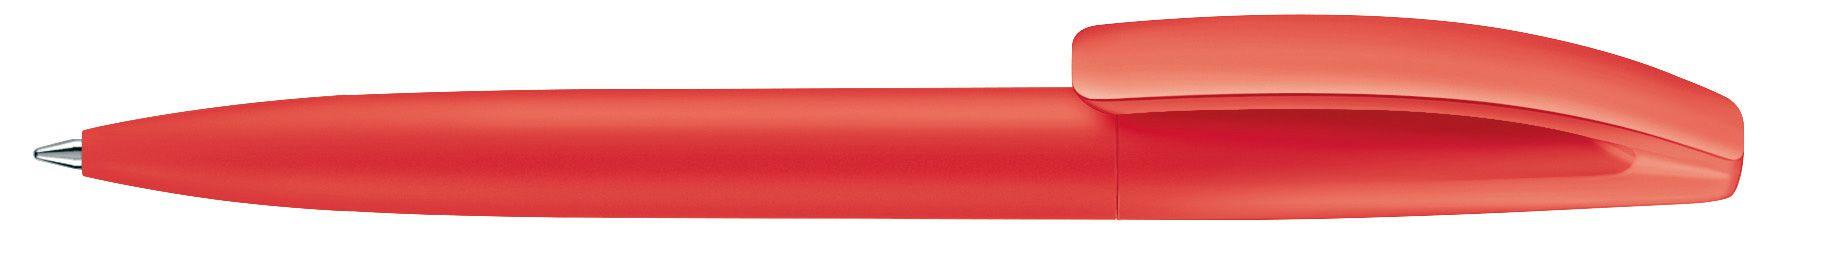 Stylo à bille Bridge soft Touch personnalisé orange